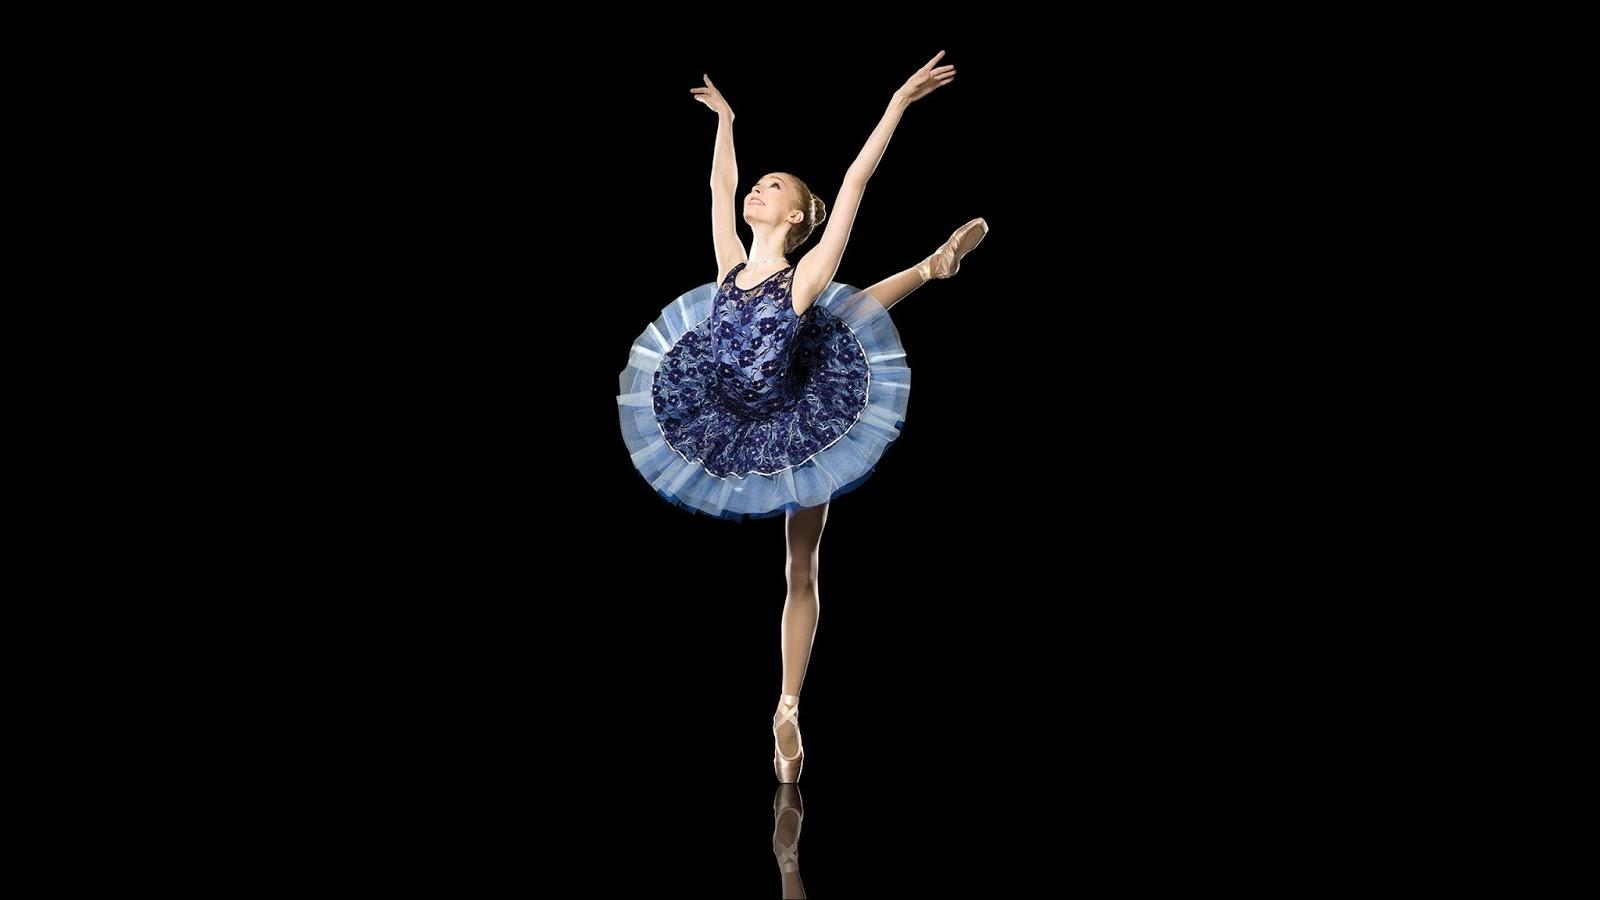 Ballet Dancer Wallpaper Free Wide Hd Wallpaper